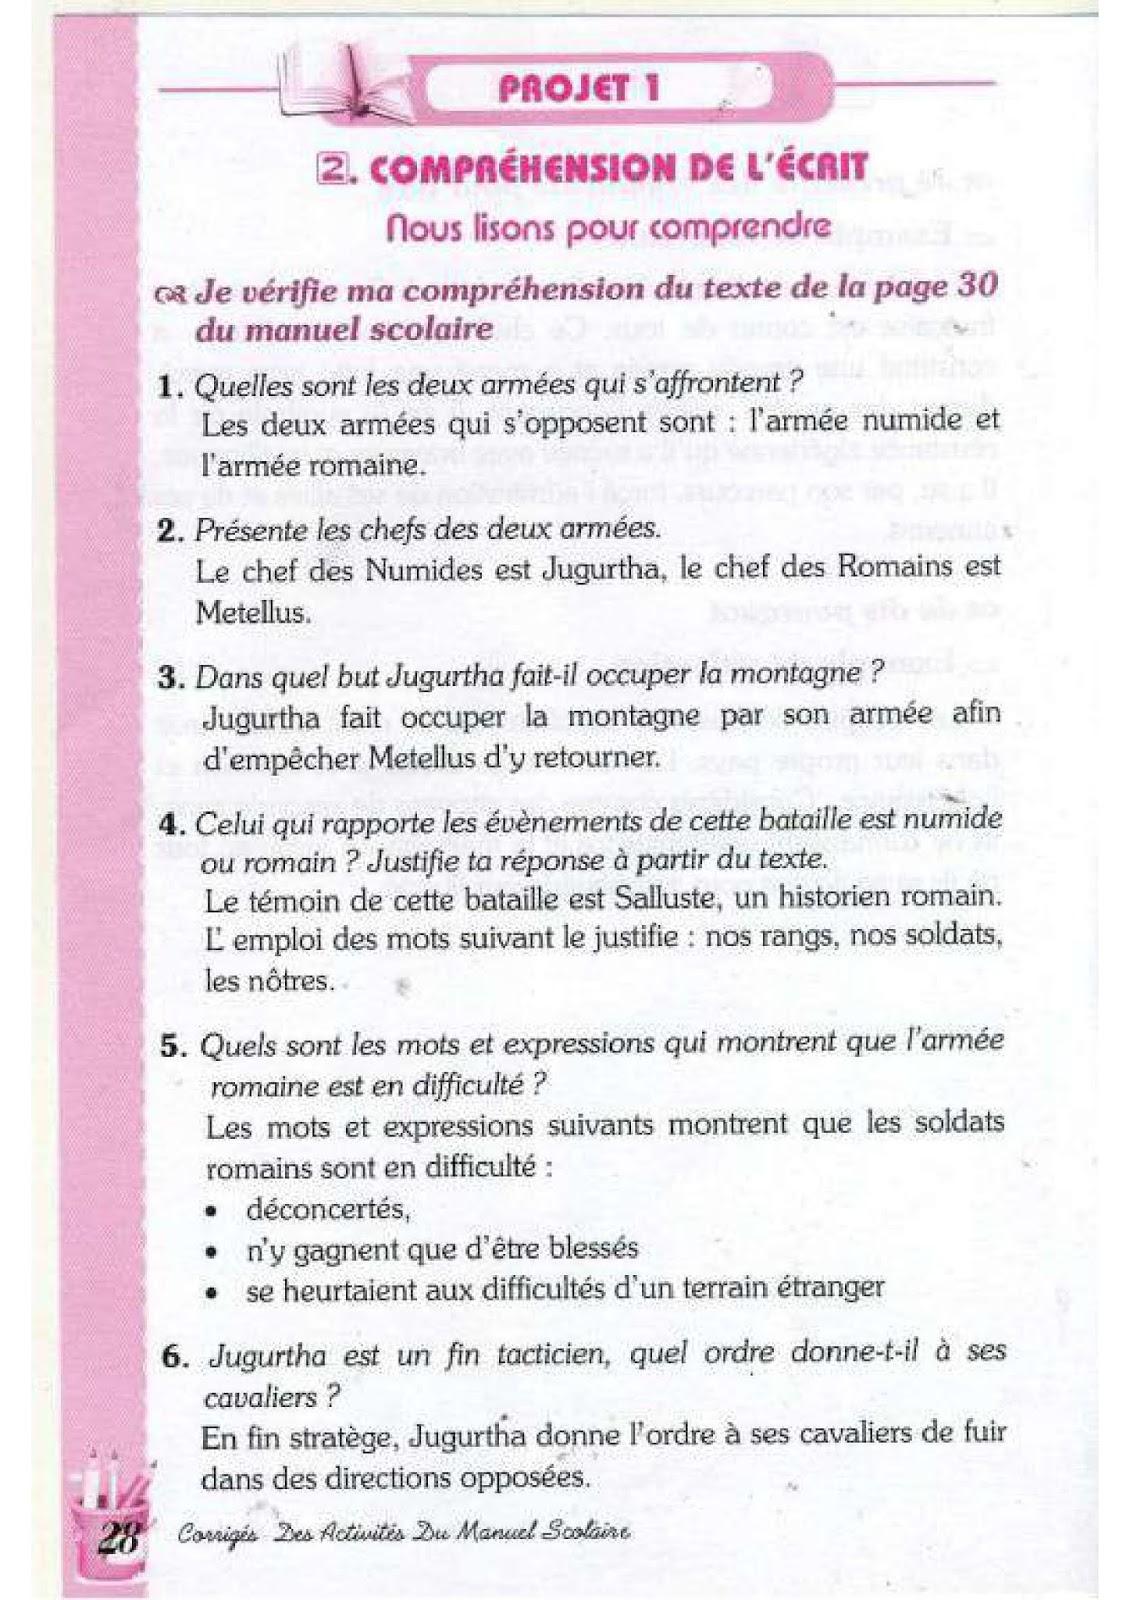 حل تمارين صفحة 30 الفرنسية للسنة الرابعة متوسط - الجيل الثاني | موقع  التعليم الجزائري - Dzetude